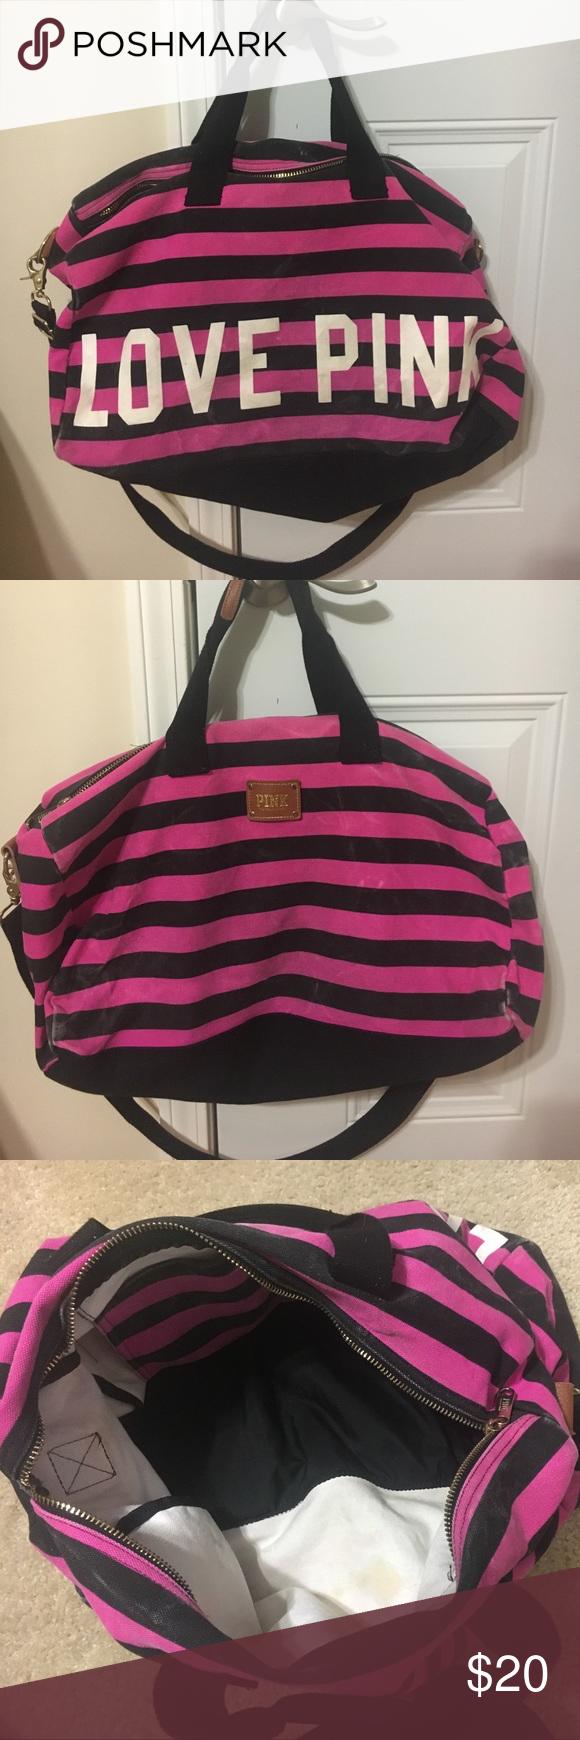 Victoria Secret Love Pink Duffle Bag   ReGreen Springfield 80f0a77d71